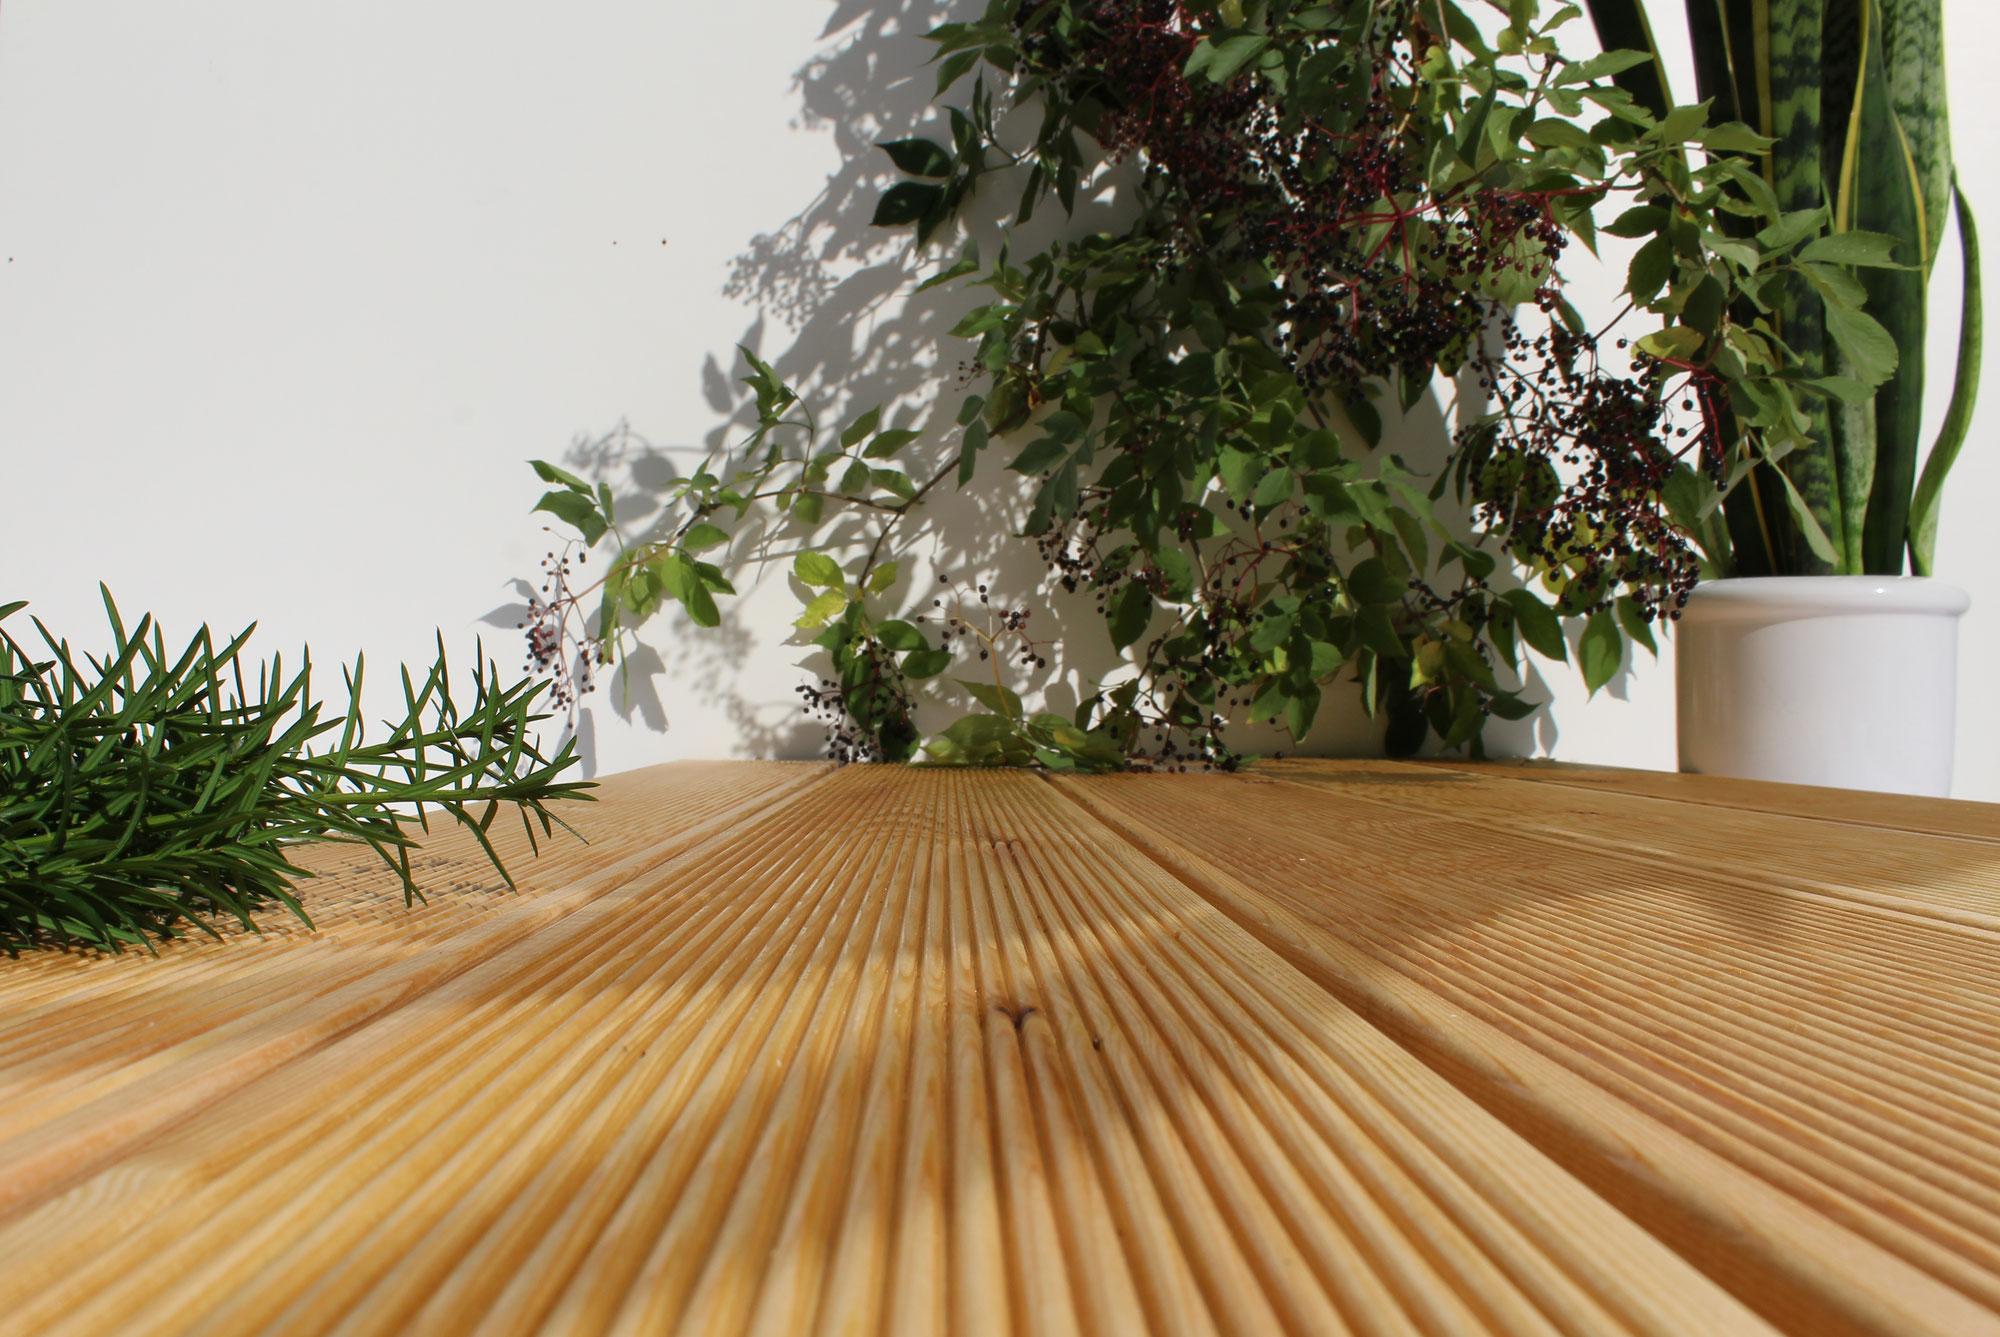 rekonstruktion der historischen entwicklung l rchen w lder. Black Bedroom Furniture Sets. Home Design Ideas